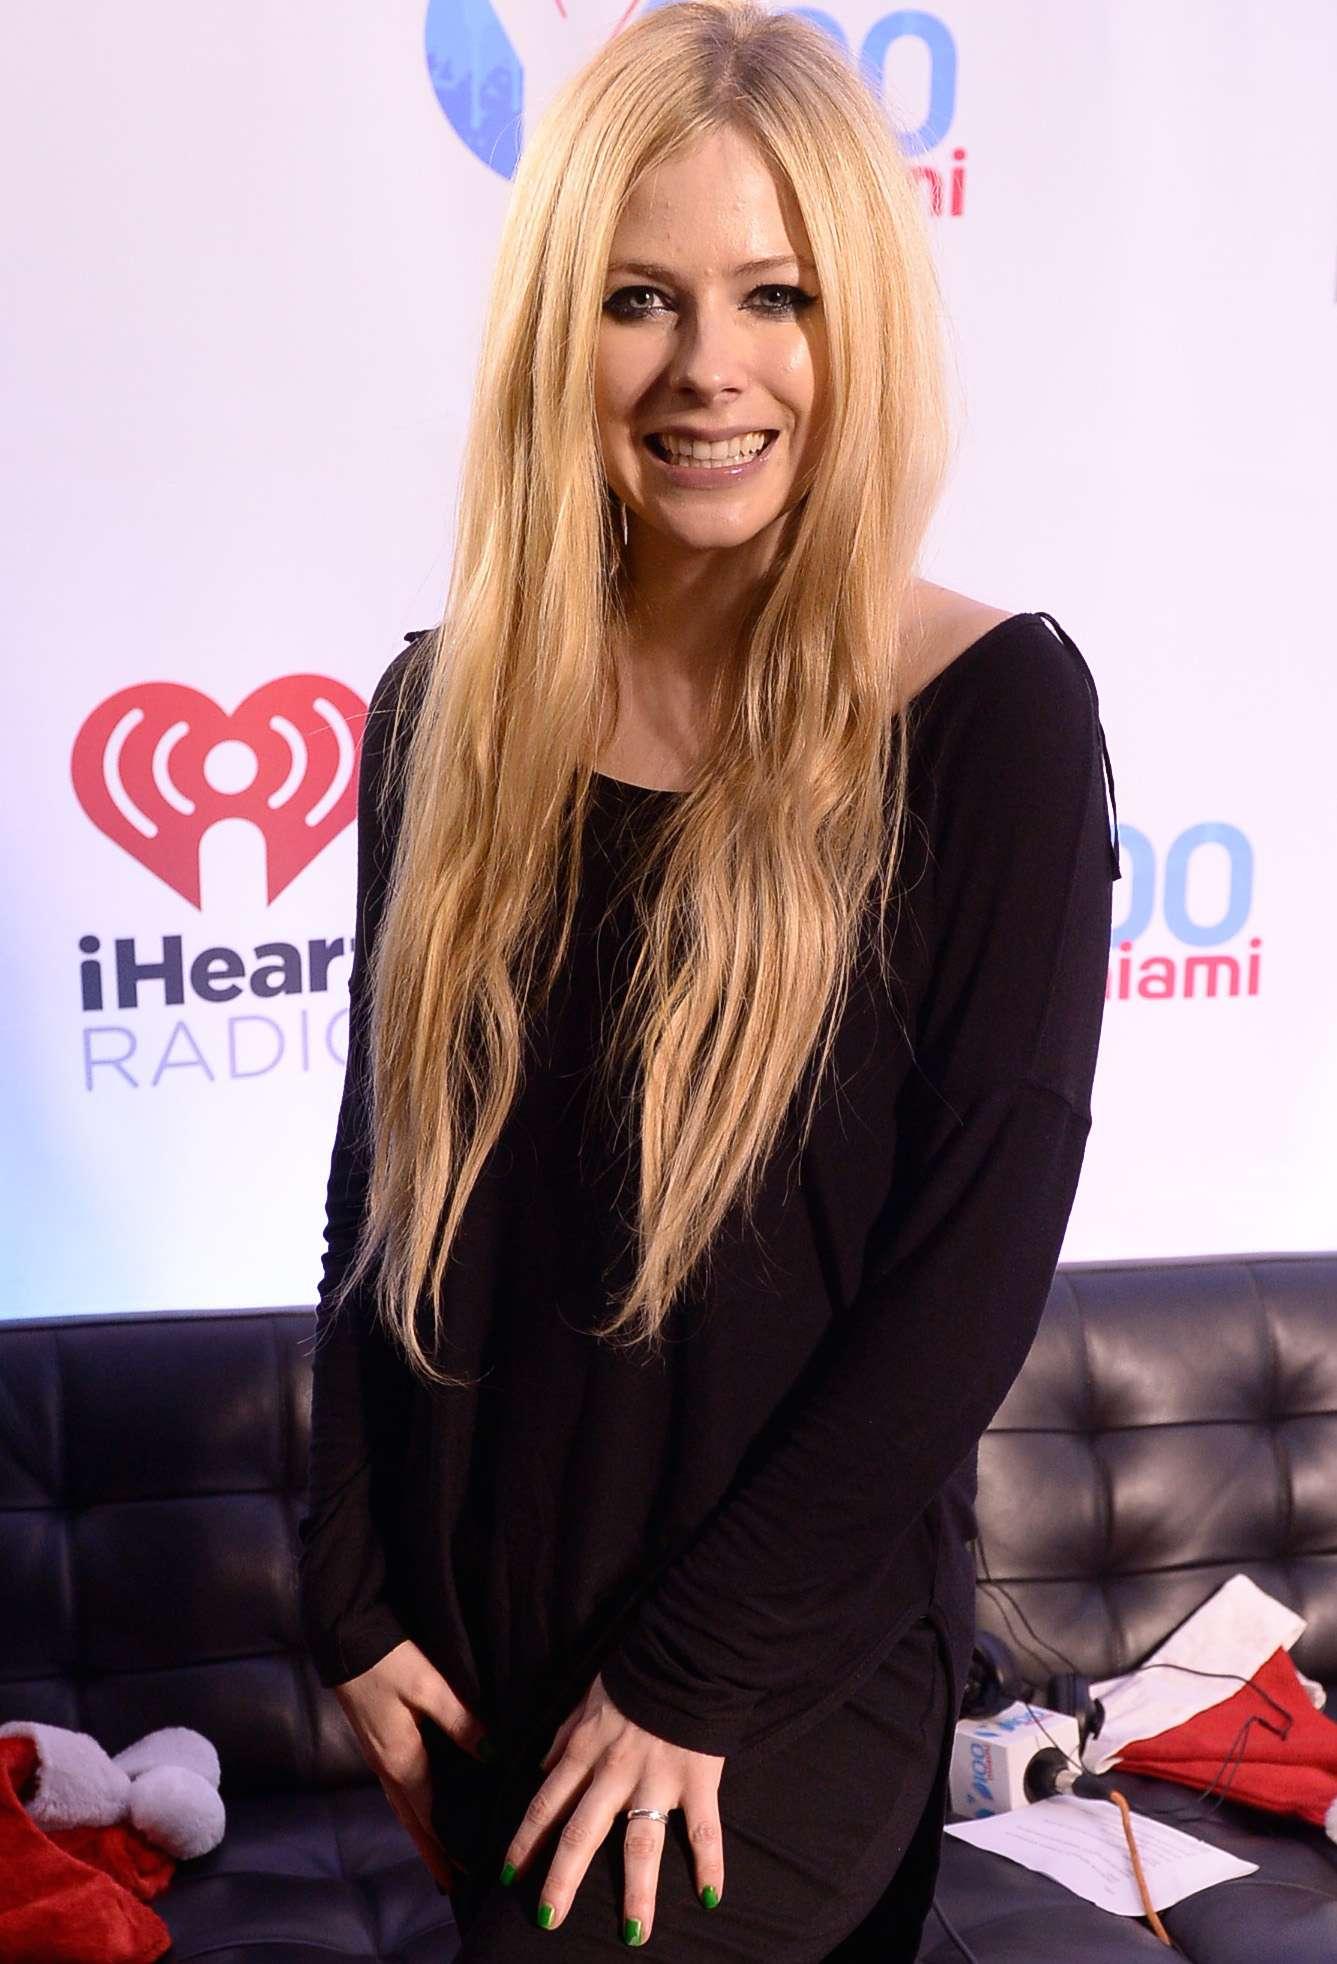 Avril Lavigne aclaró que no fue a rehabilitación. Foto: Getty Images